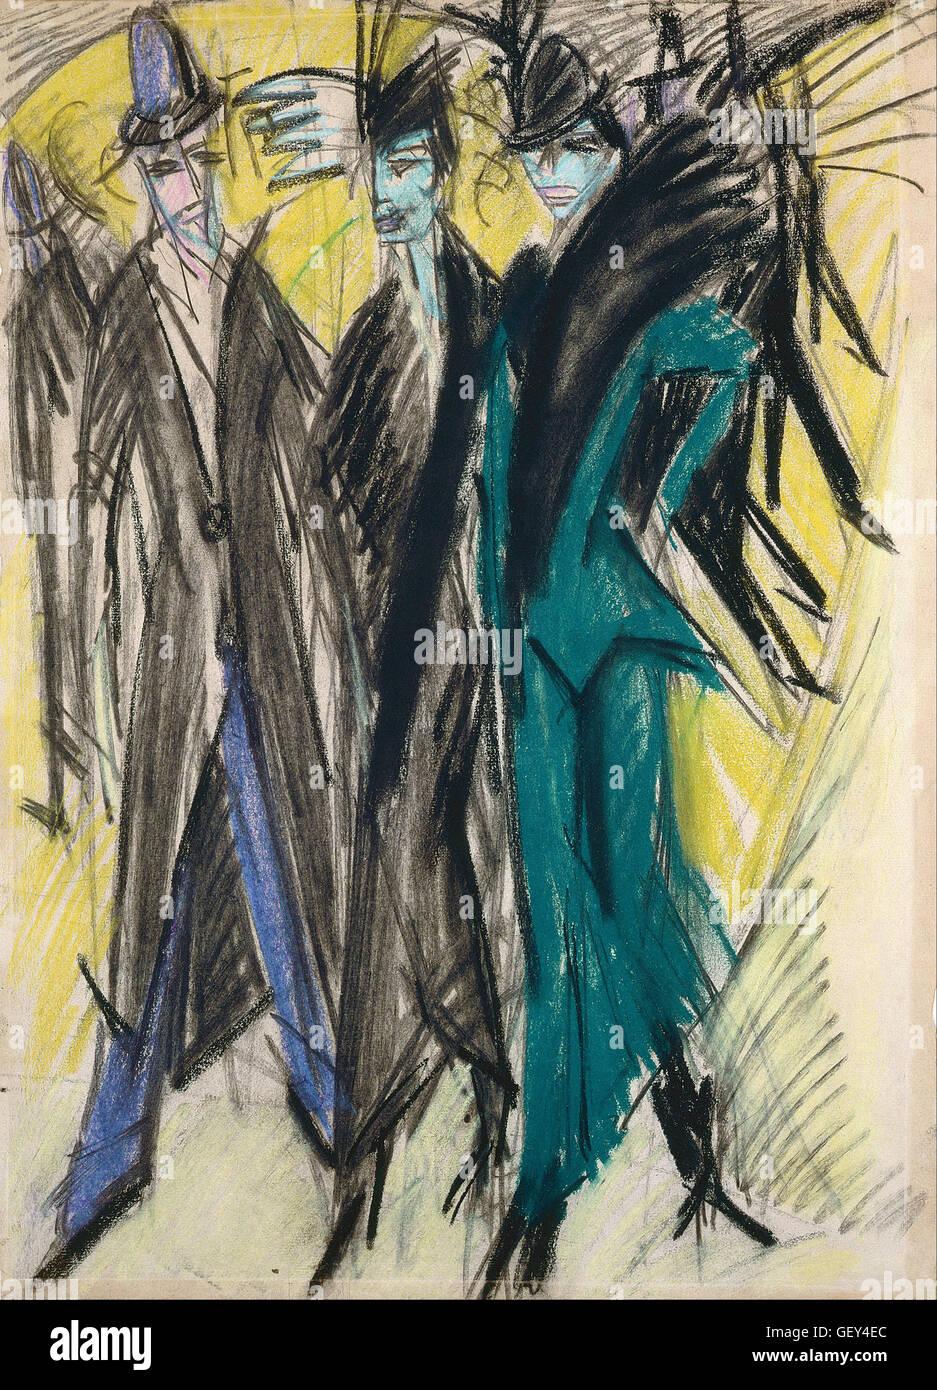 Ernst Ludwig Kirchner - Berlin Street Scene - Stock Image